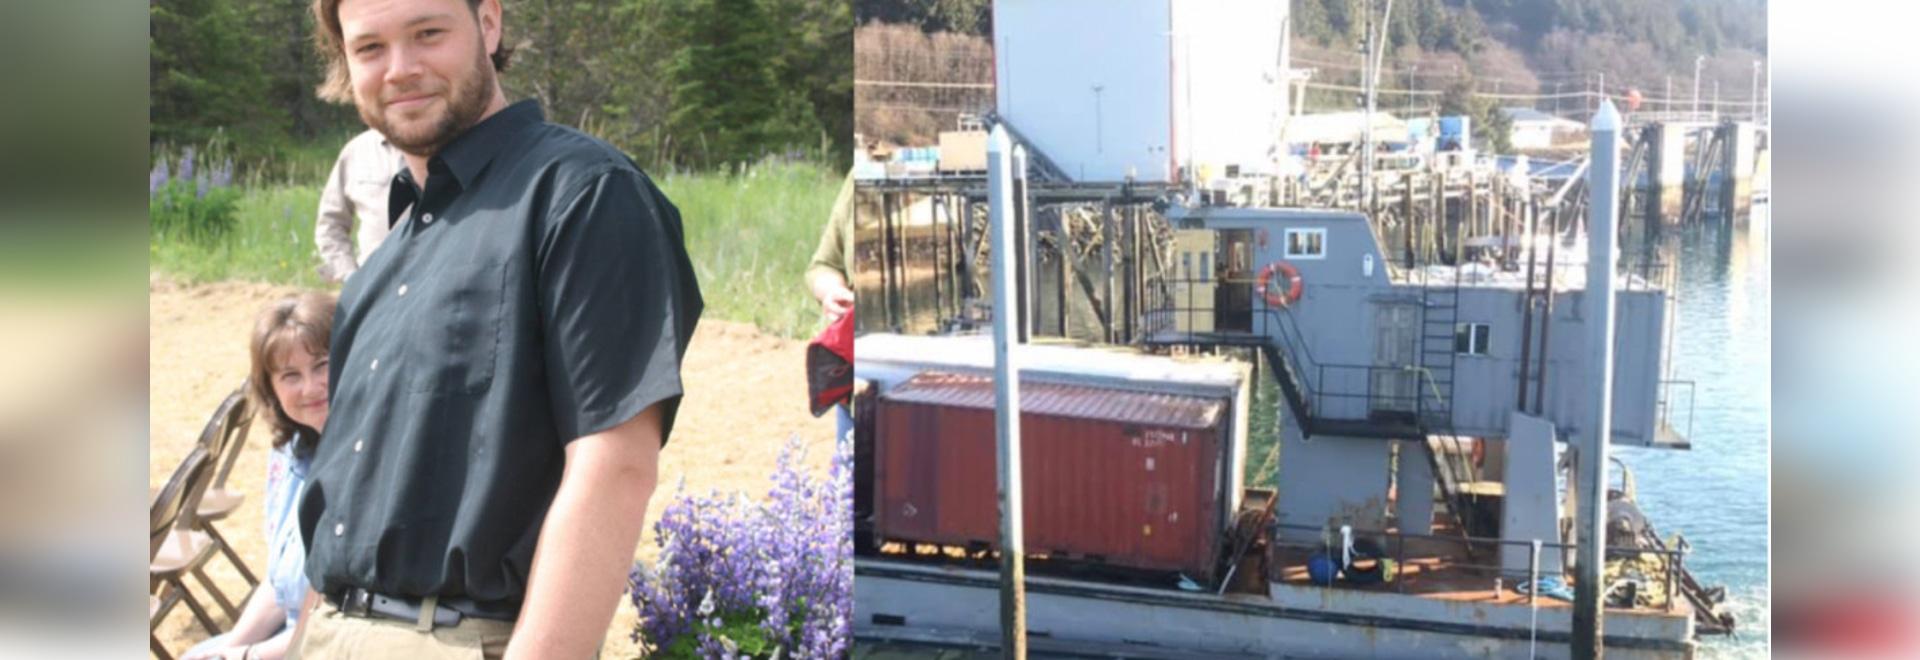 Un homme d'Alaska fait un voyage de 14 heures pour apporter des provisions à sa ville isolée